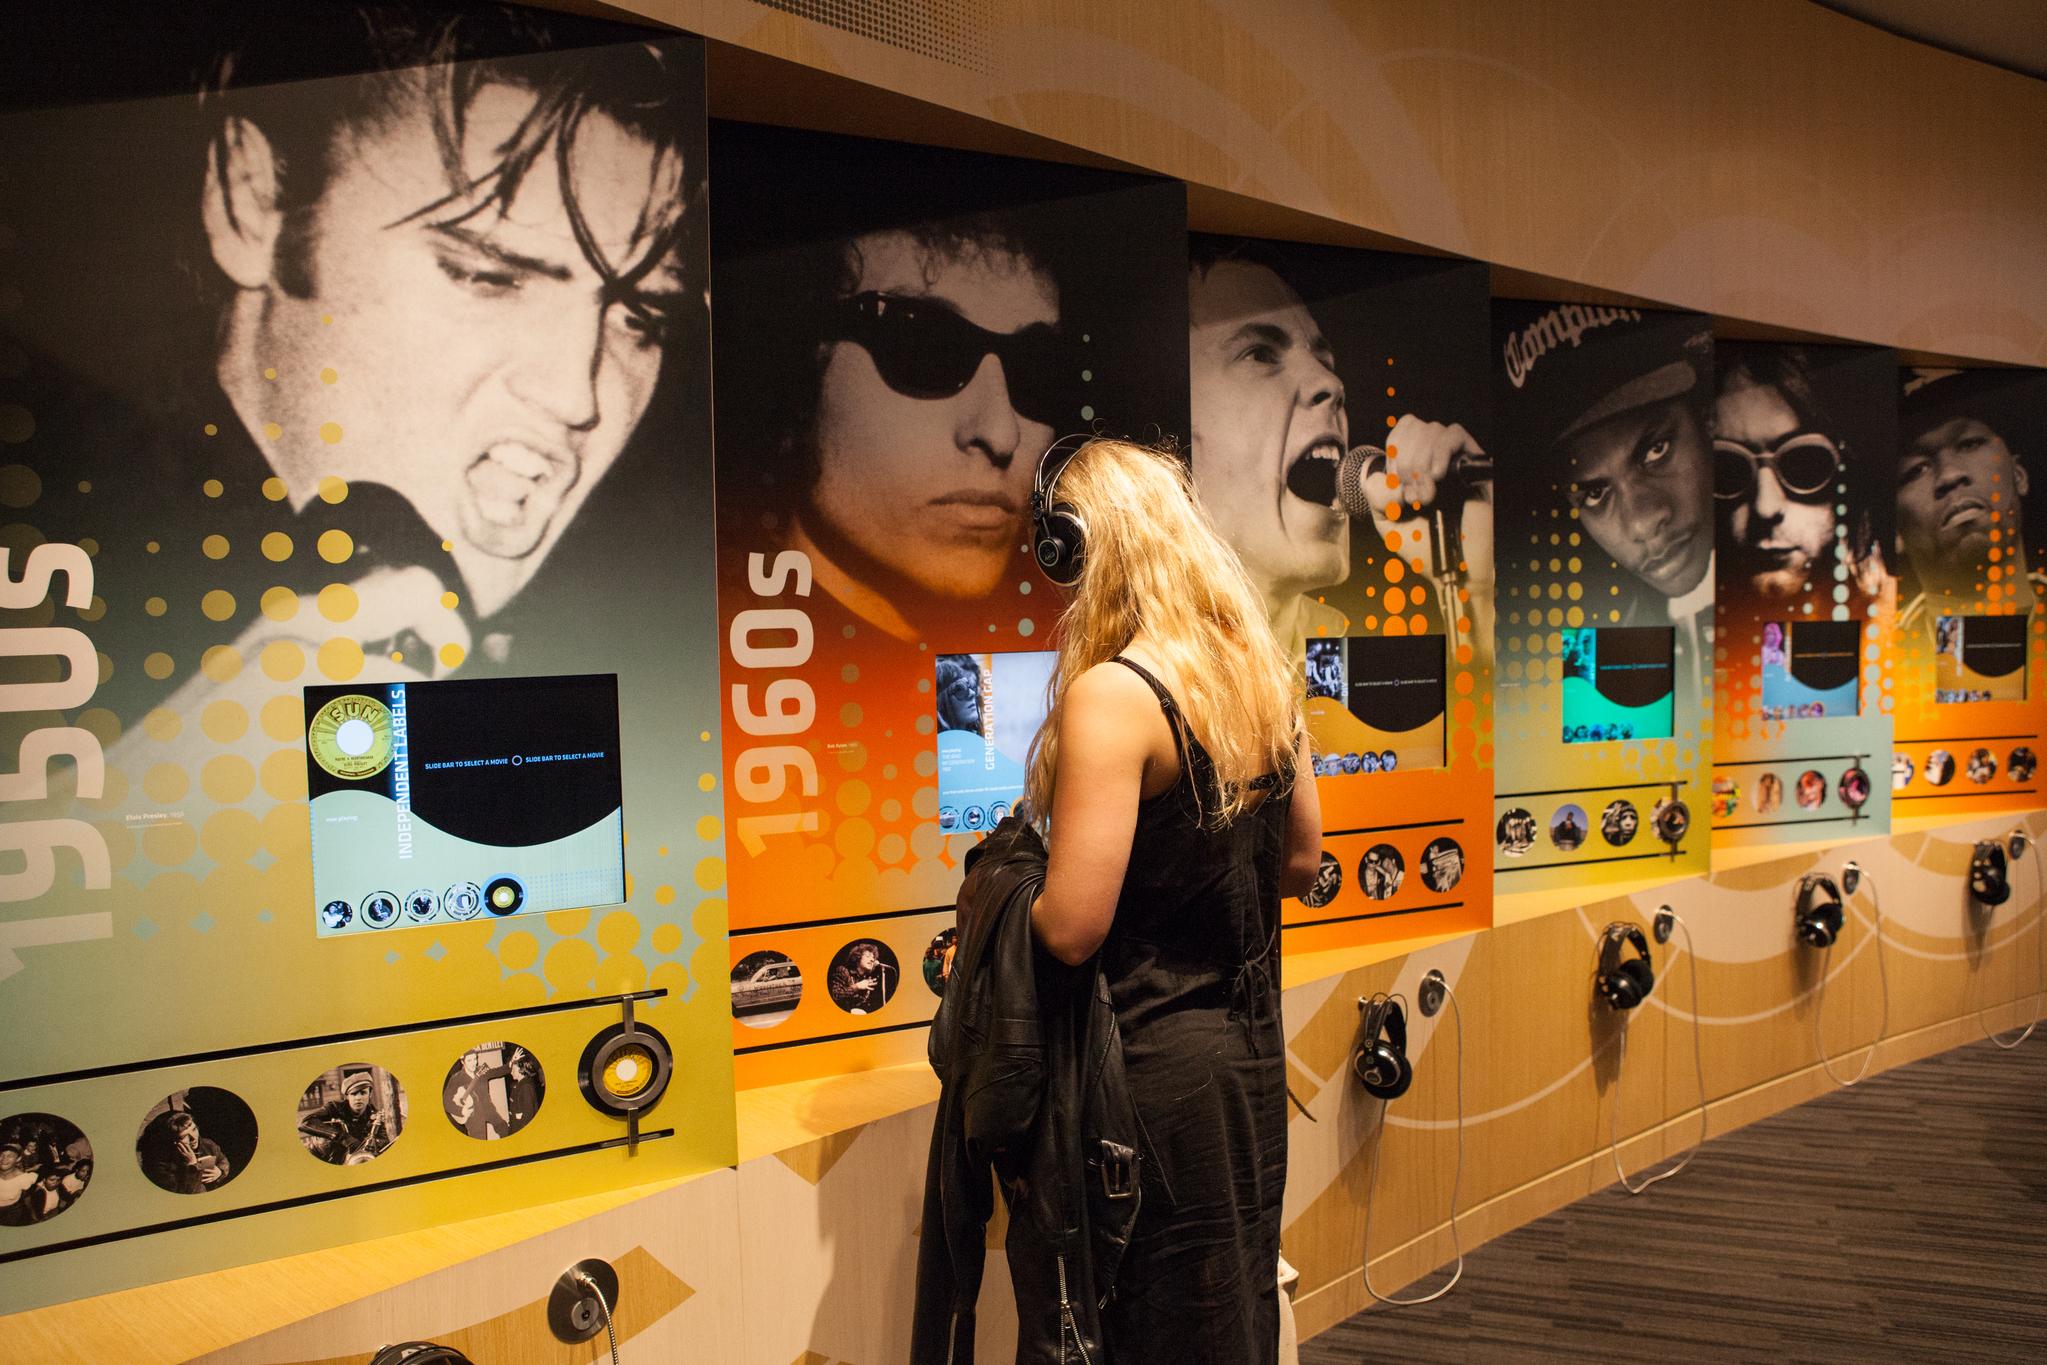 그래미 박물관은 미국 팝의 역사를 볼 수 있는 곳이다.